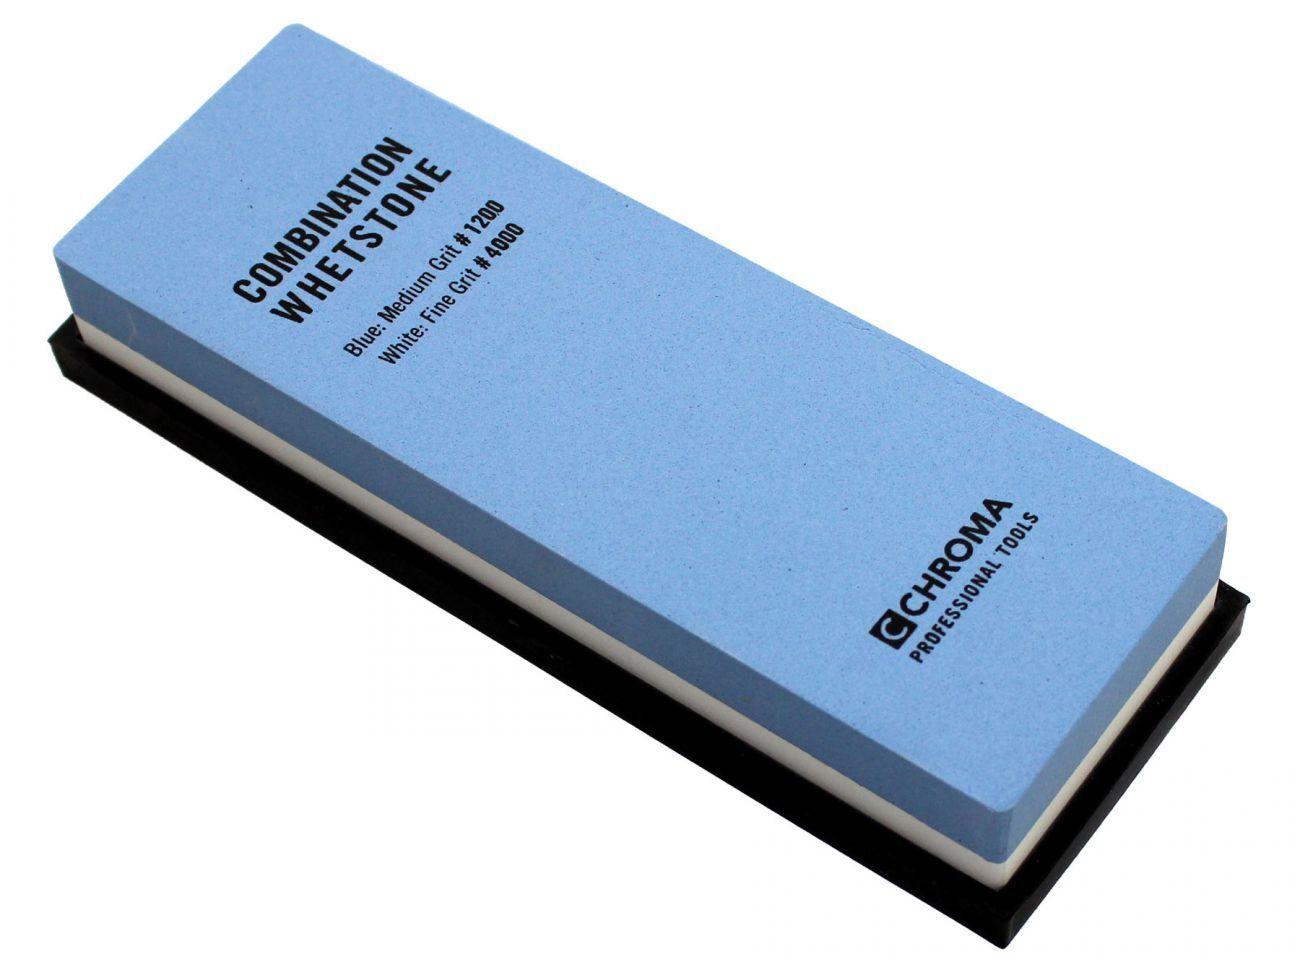 Chroma ST-12 4 Schleifstein Körnung 1200 4000